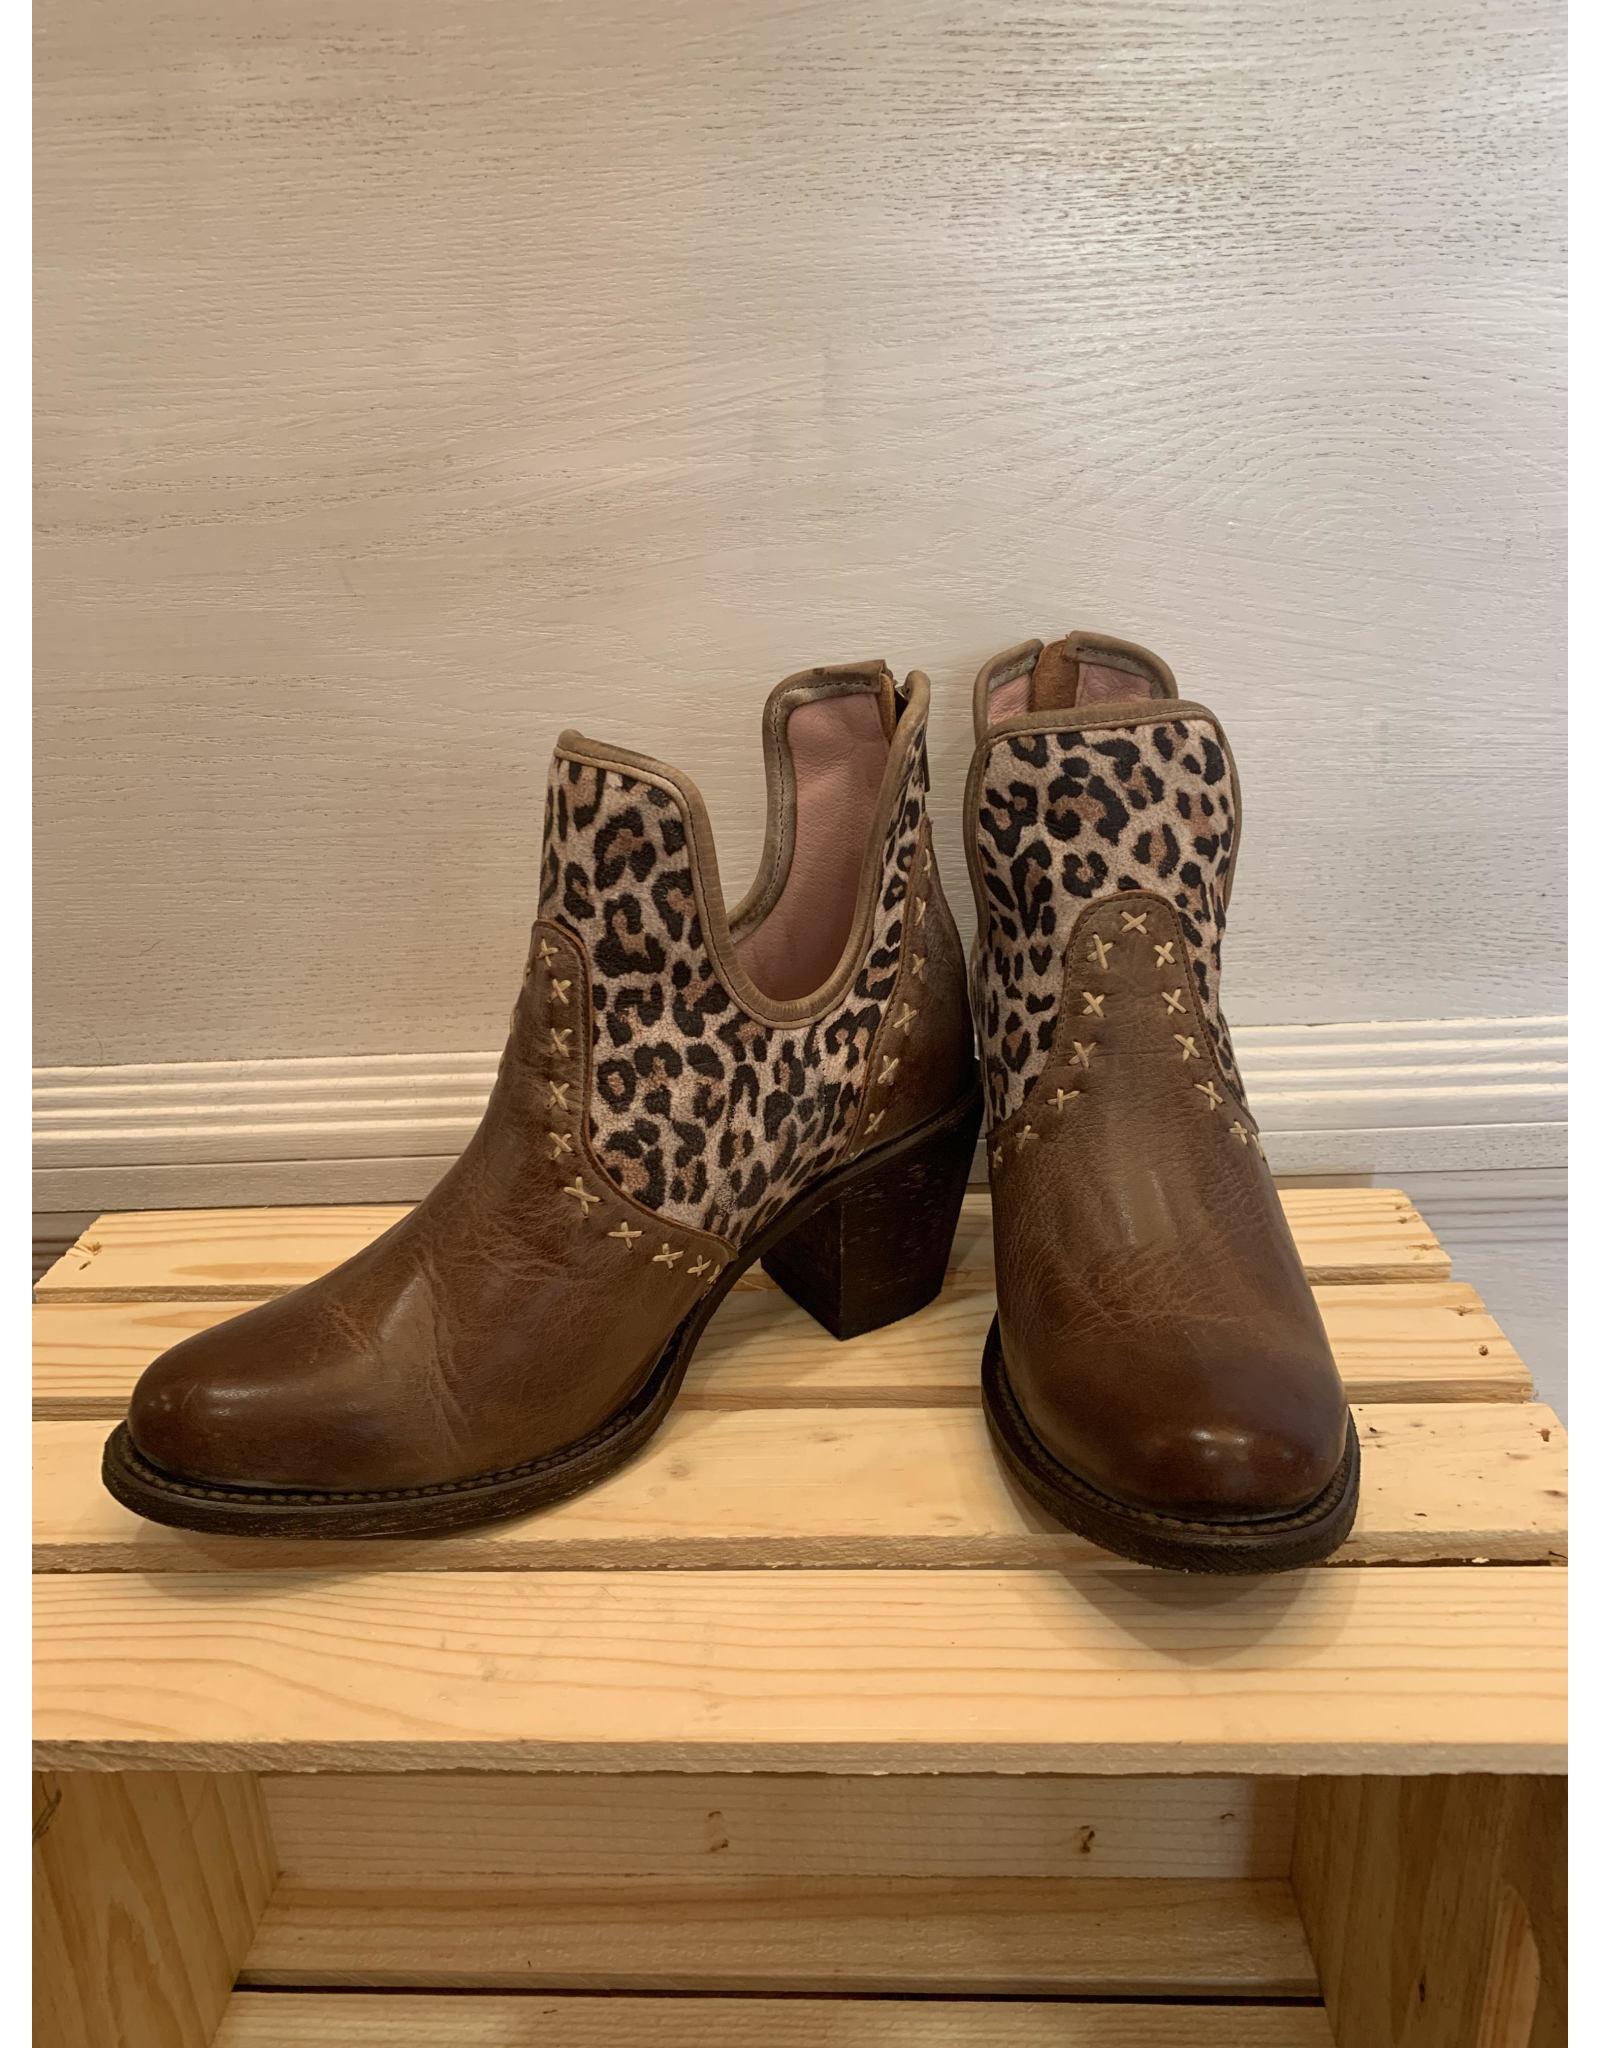 Miss Macie Boots